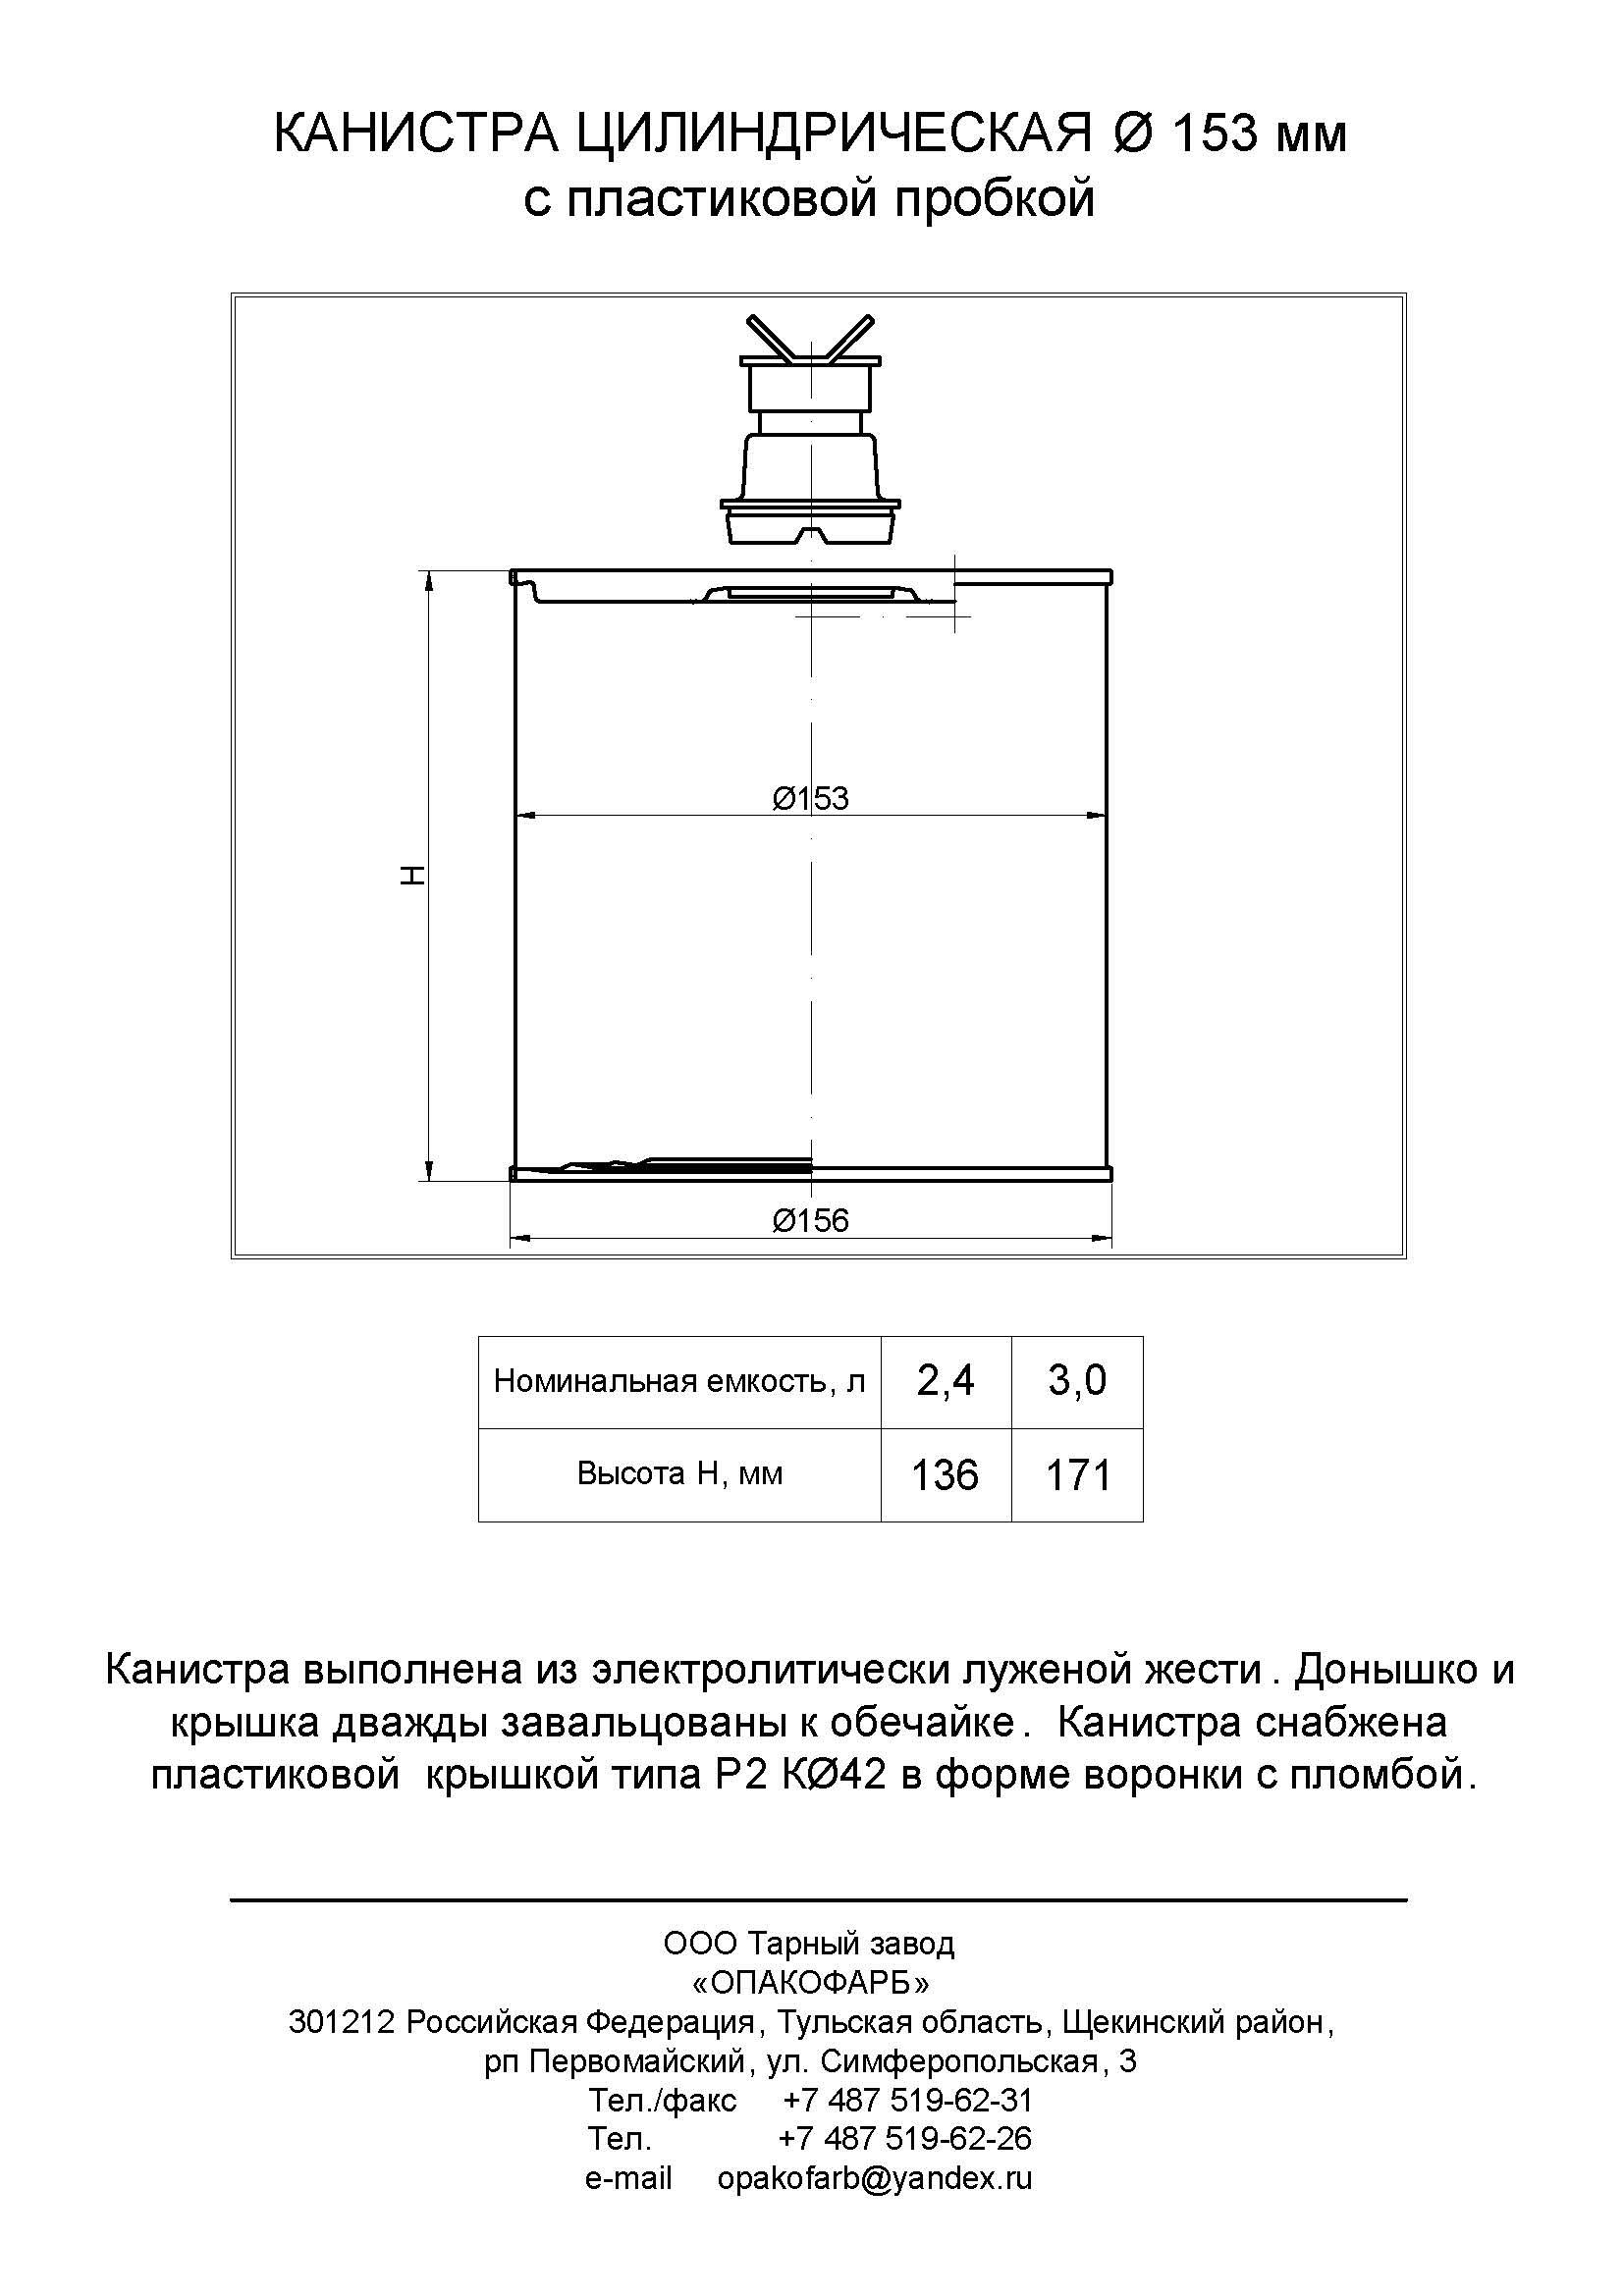 Kanister cylindryczny KCR 153